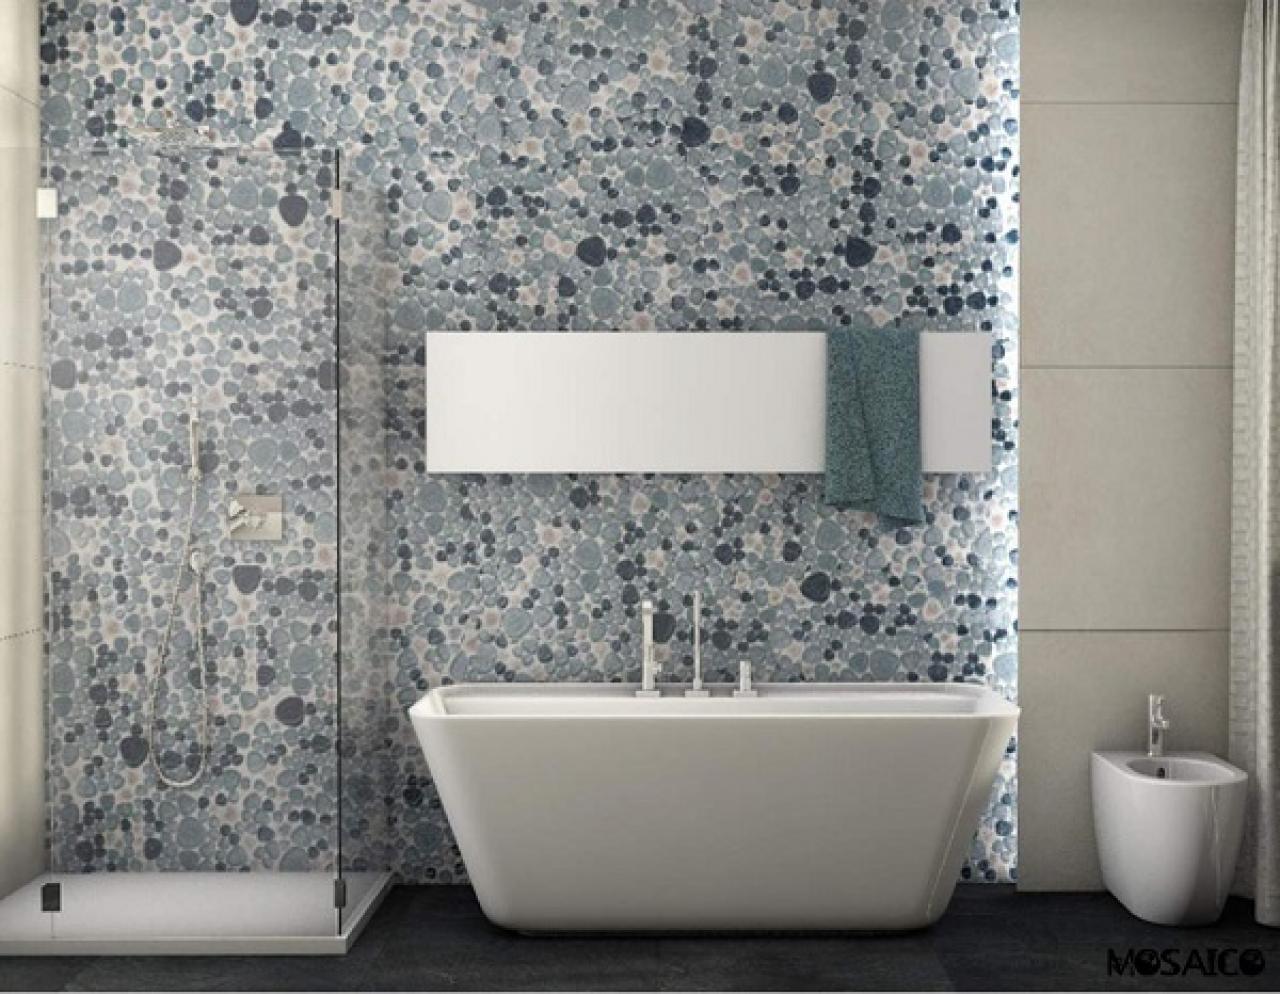 Lavandino del bagno moderno vetro blu isolato su sfondo grigio